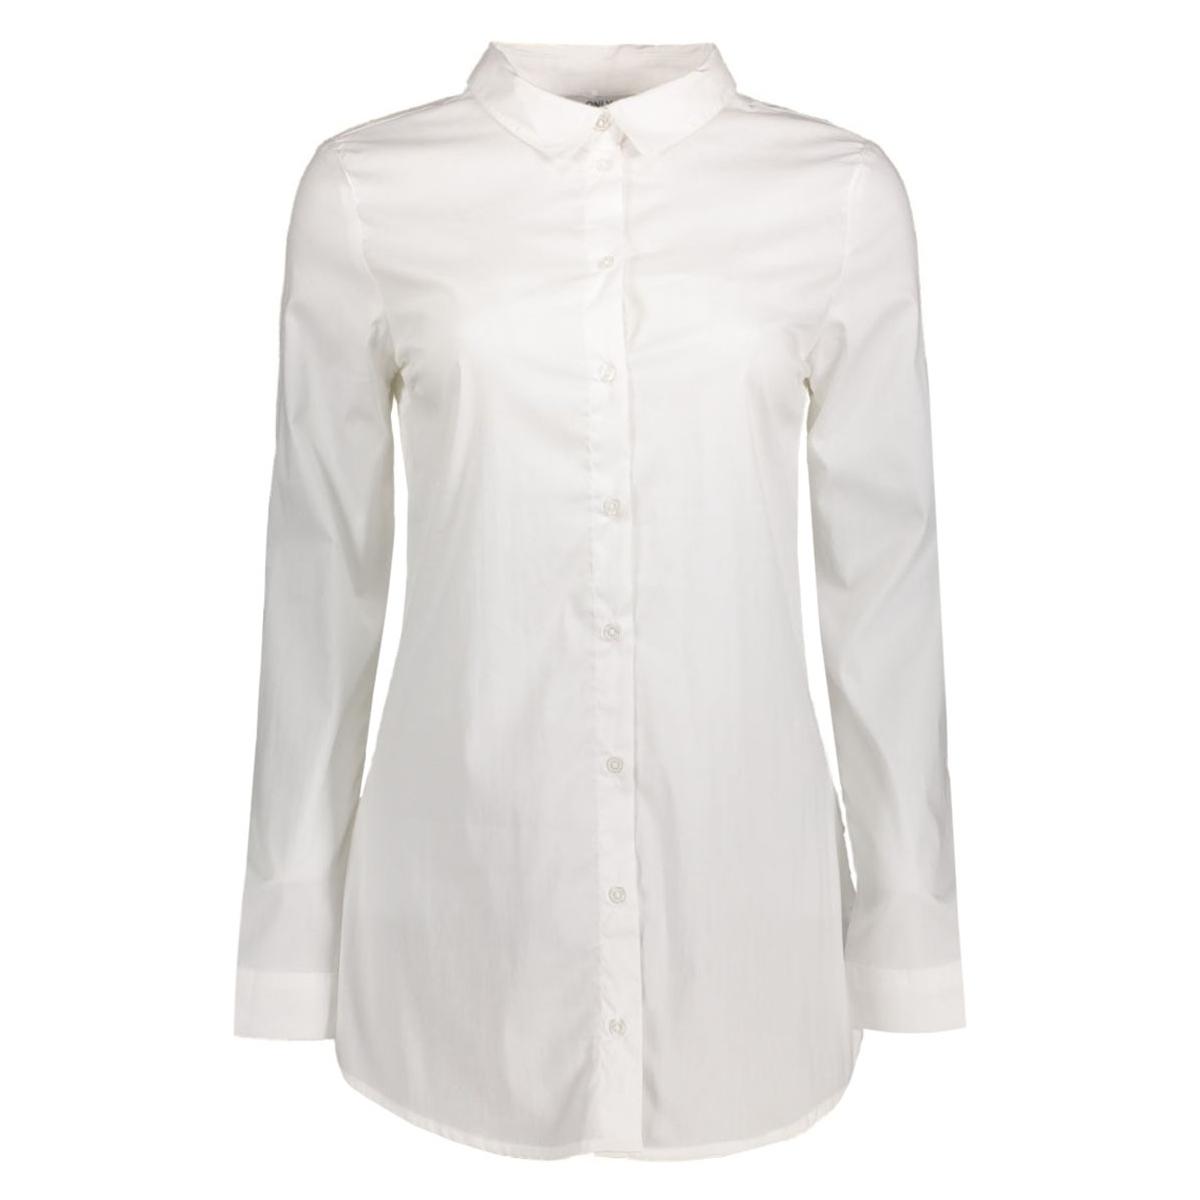 onlstreet shirt wvn 15129618 only blouse white